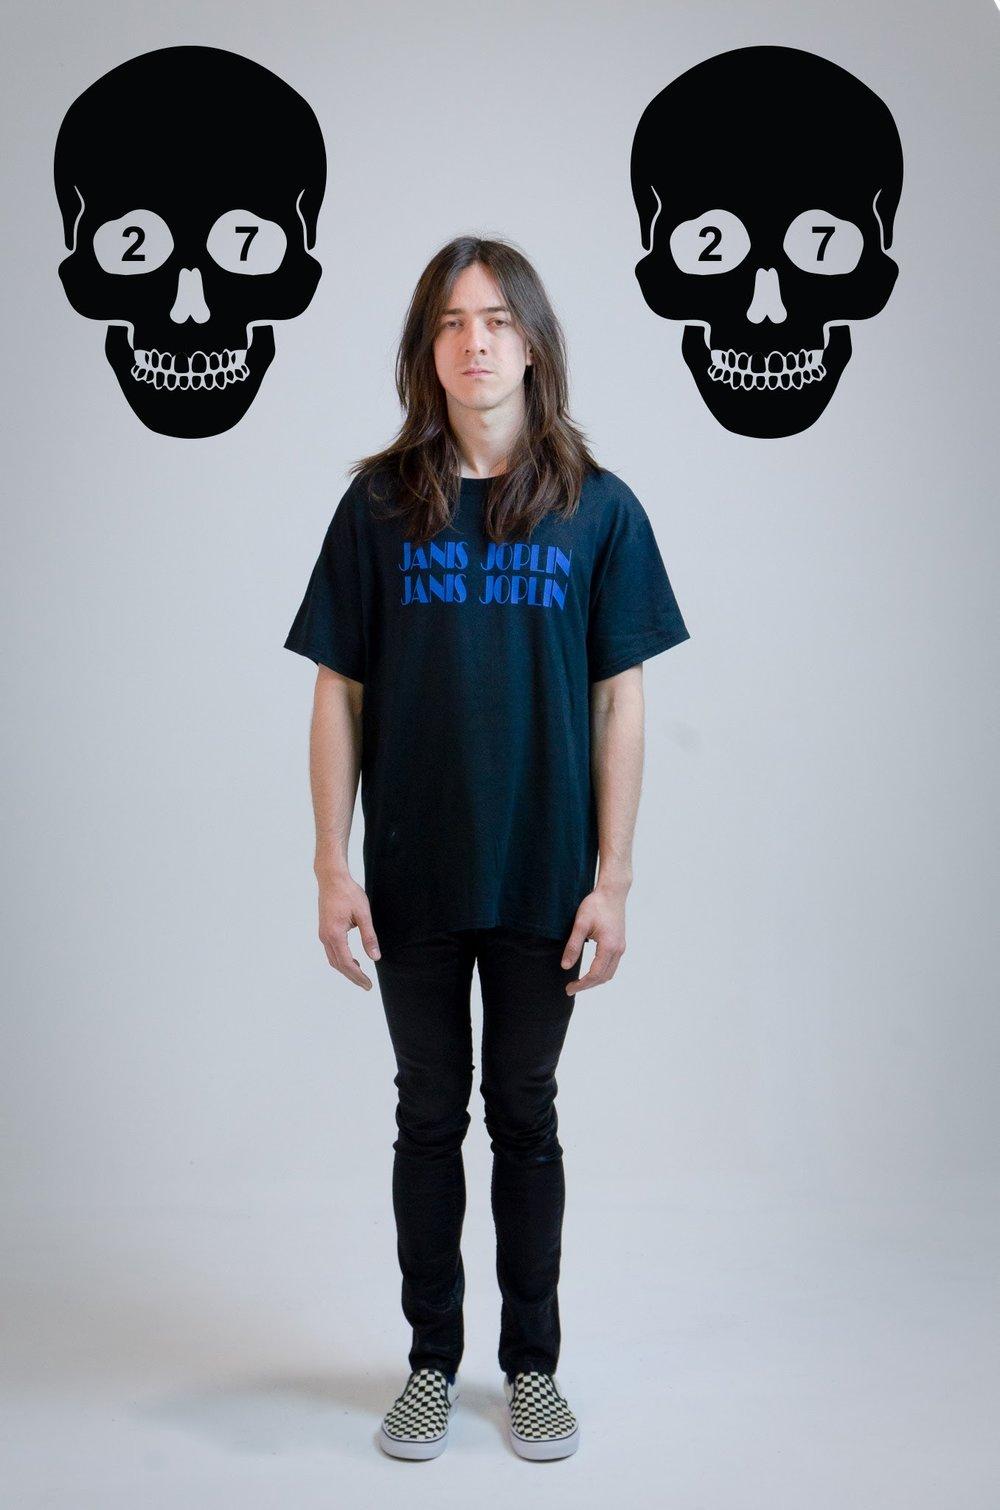 Janis Joplin Front.jpg